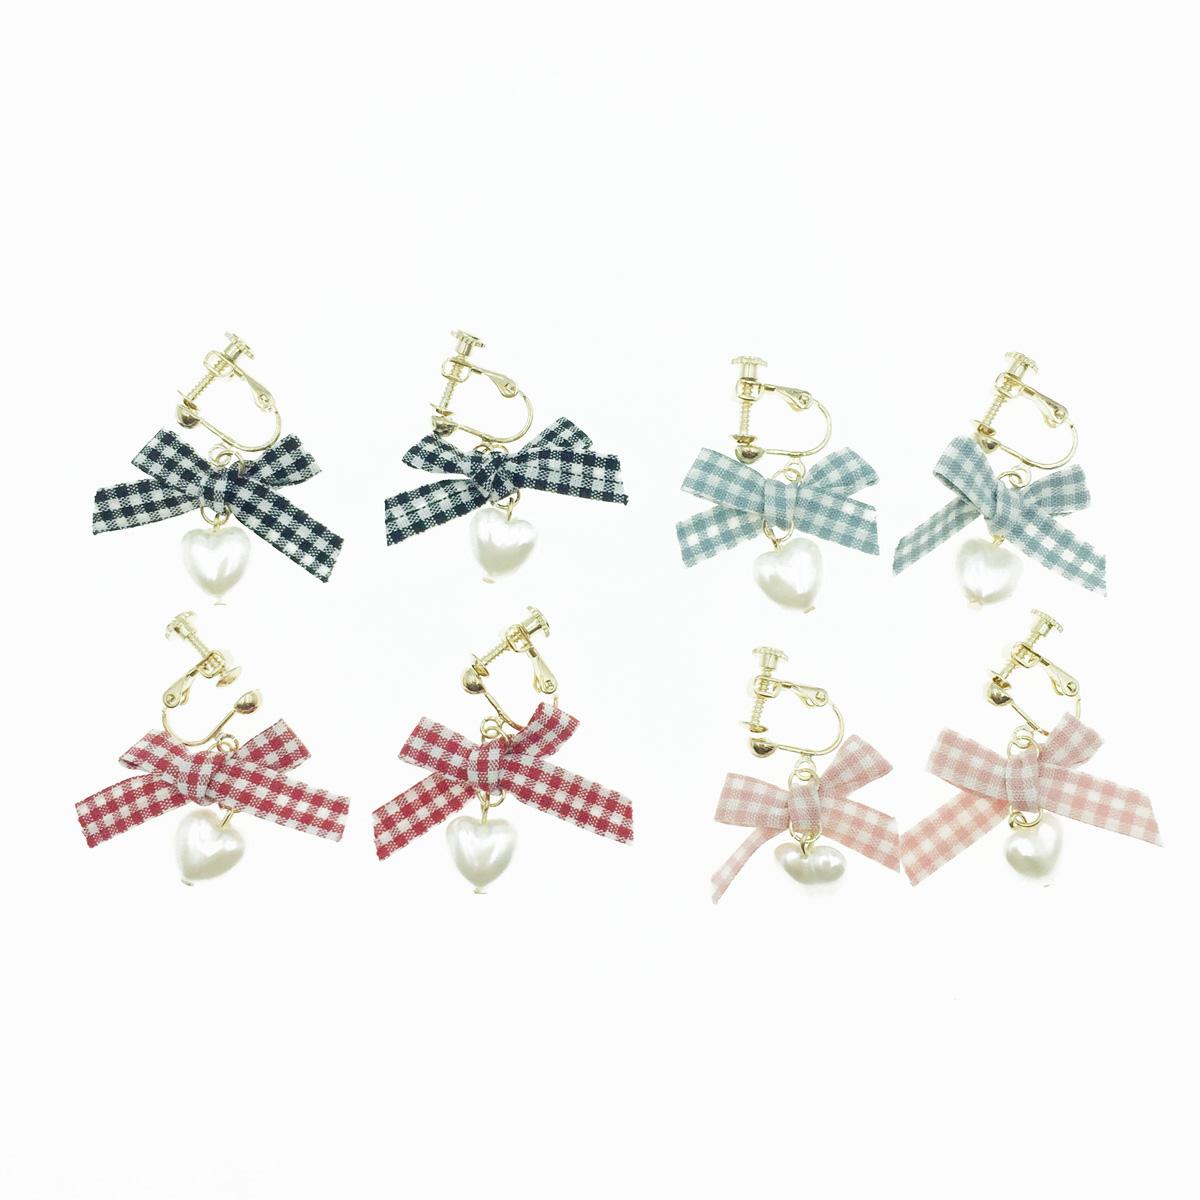 韓國 愛麗絲 格紋蝴蝶結 愛心珍珠 垂墜 夾式耳環